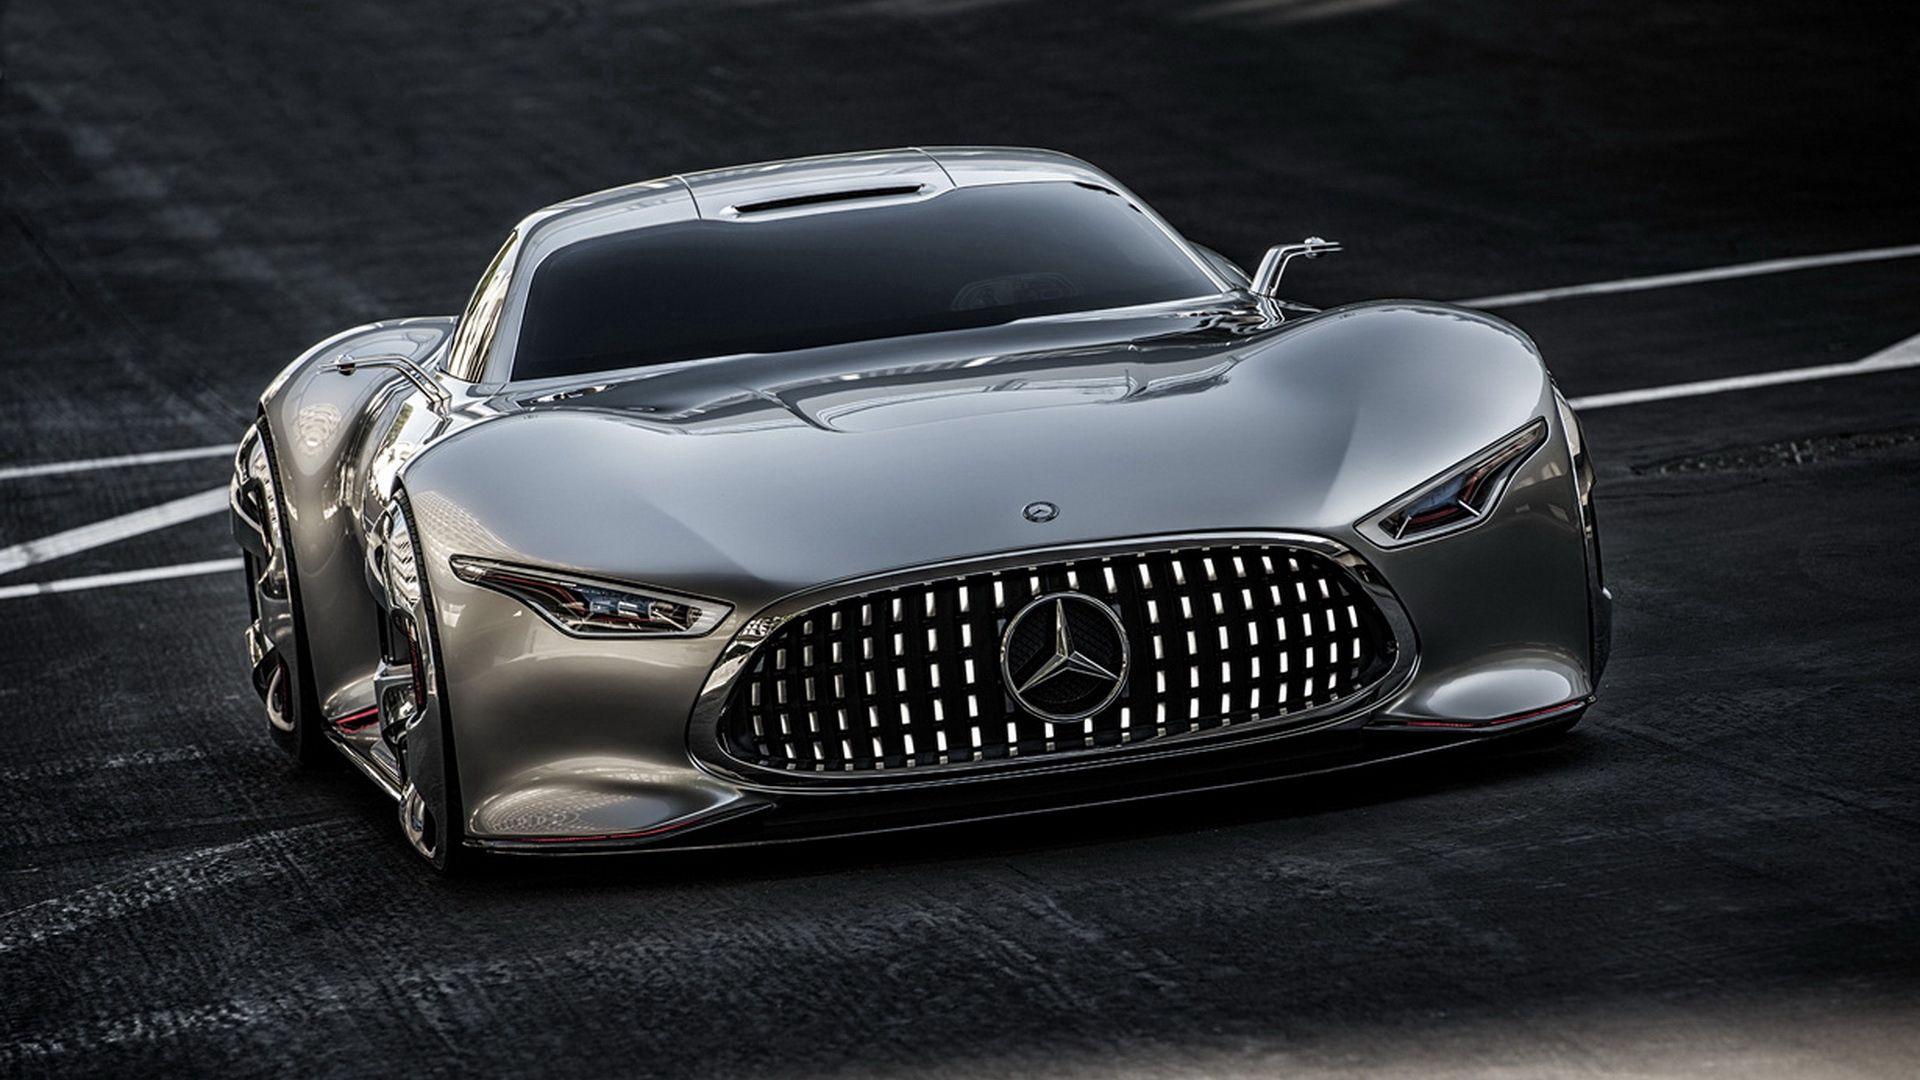 55813 скачать обои Мерседес (Mercedes), Тачки (Cars), Серый, Стильный, Mercedes-Benz Amg - заставки и картинки бесплатно